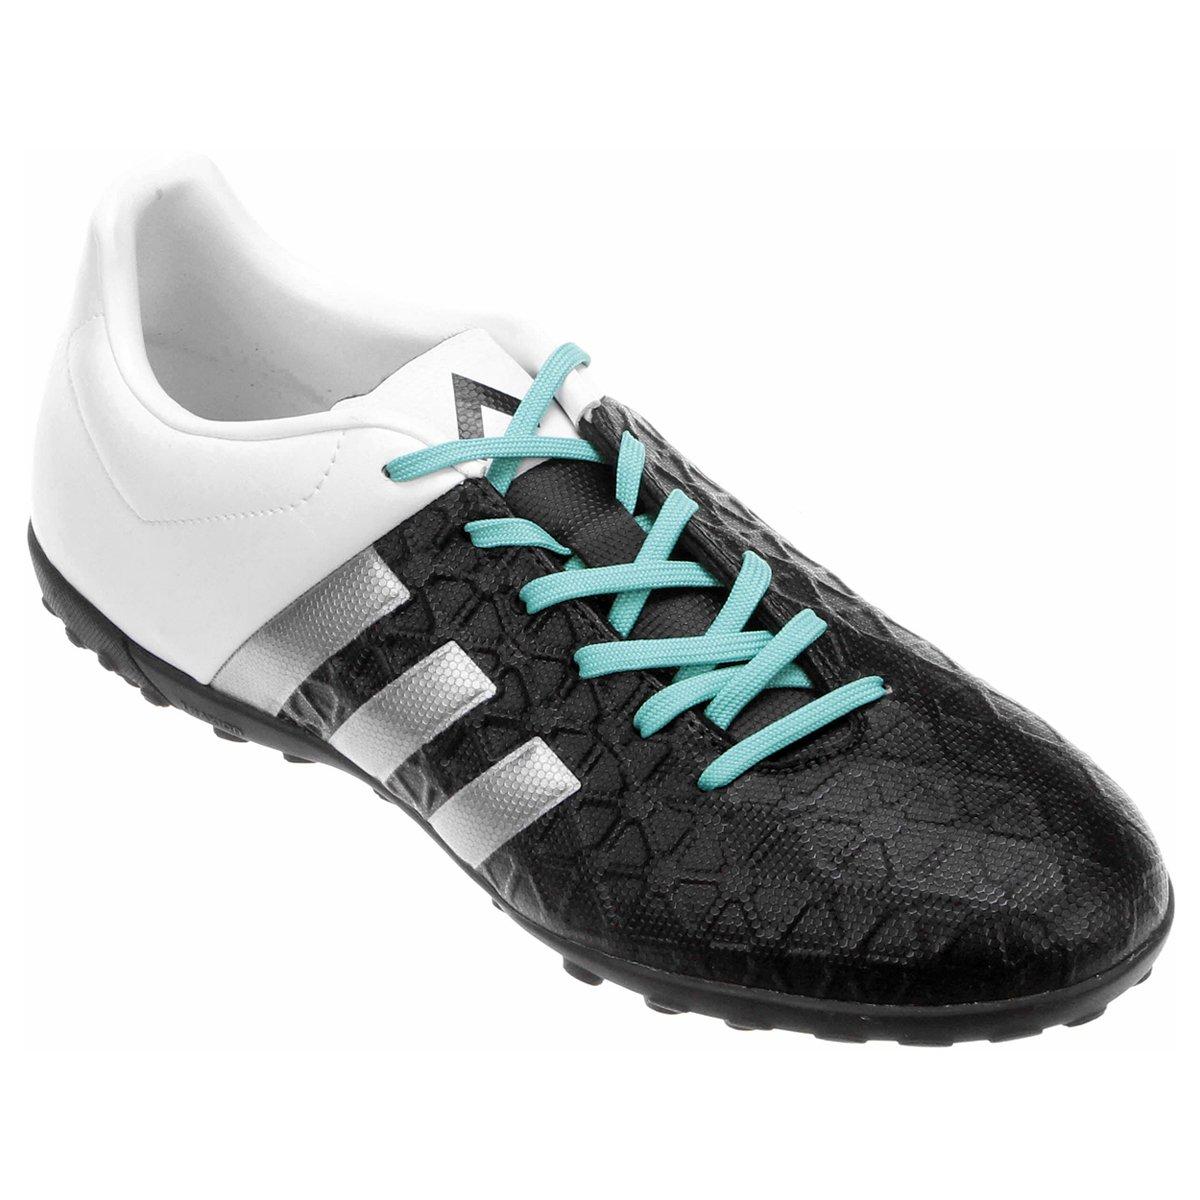 a4f0a23ba3025 Chuteira Society Adidas Ace 15 4 TF Masculina - Compre Agora